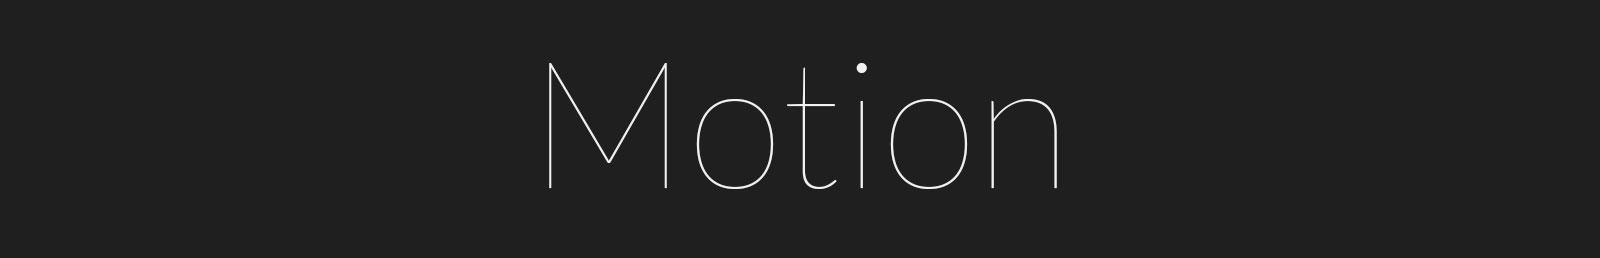 HeaderMotion.jpg